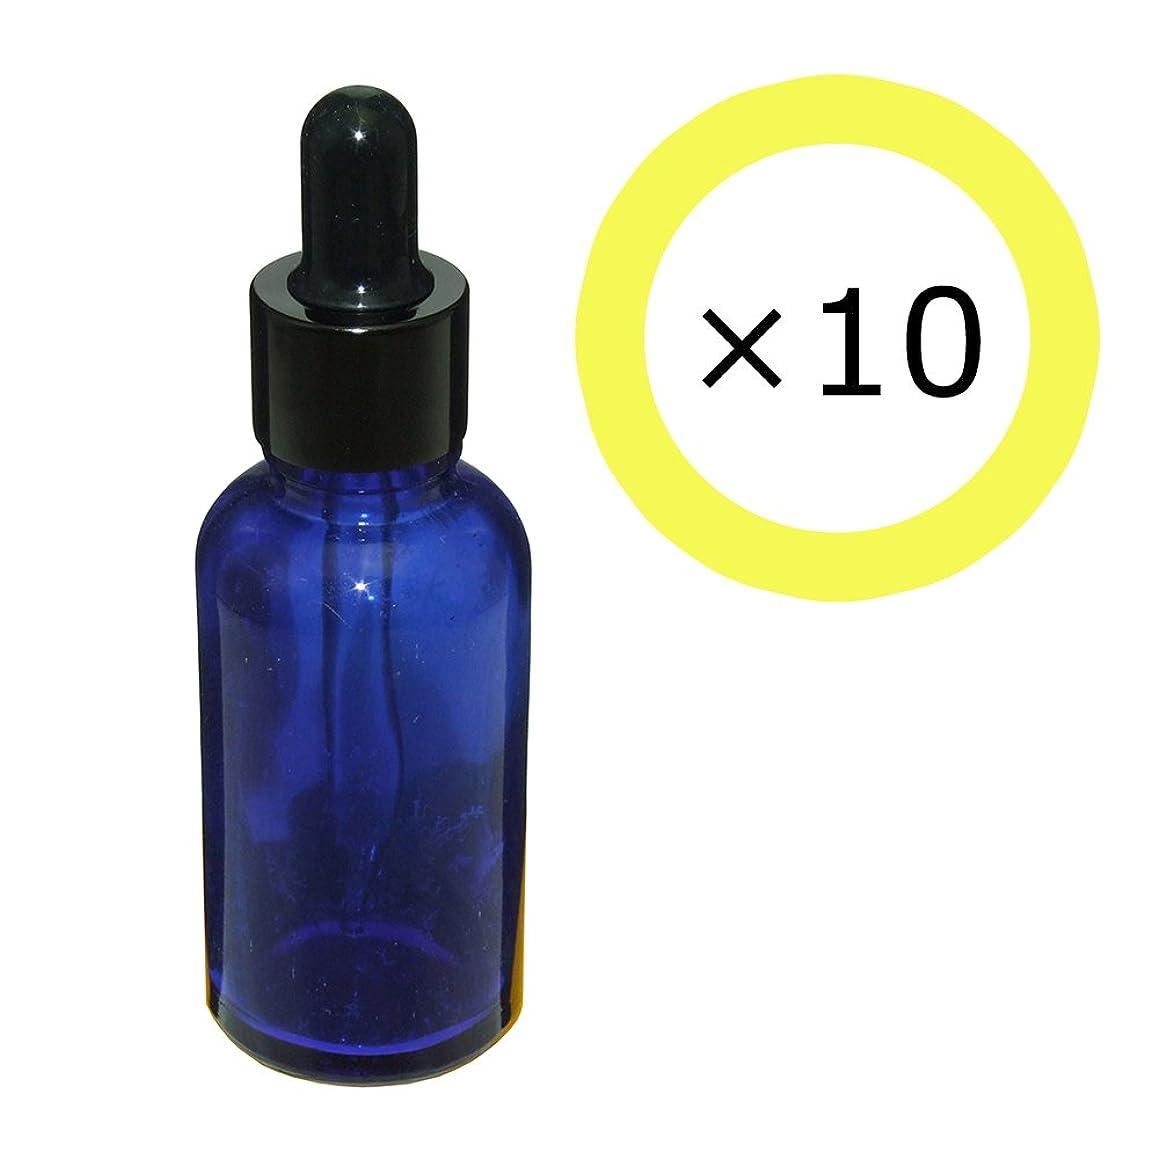 肘剥離歩行者ガレージ?ゼロ 遮光ガラス スポイド瓶 先細タイプ 青 30ml×10個/アロマ保存